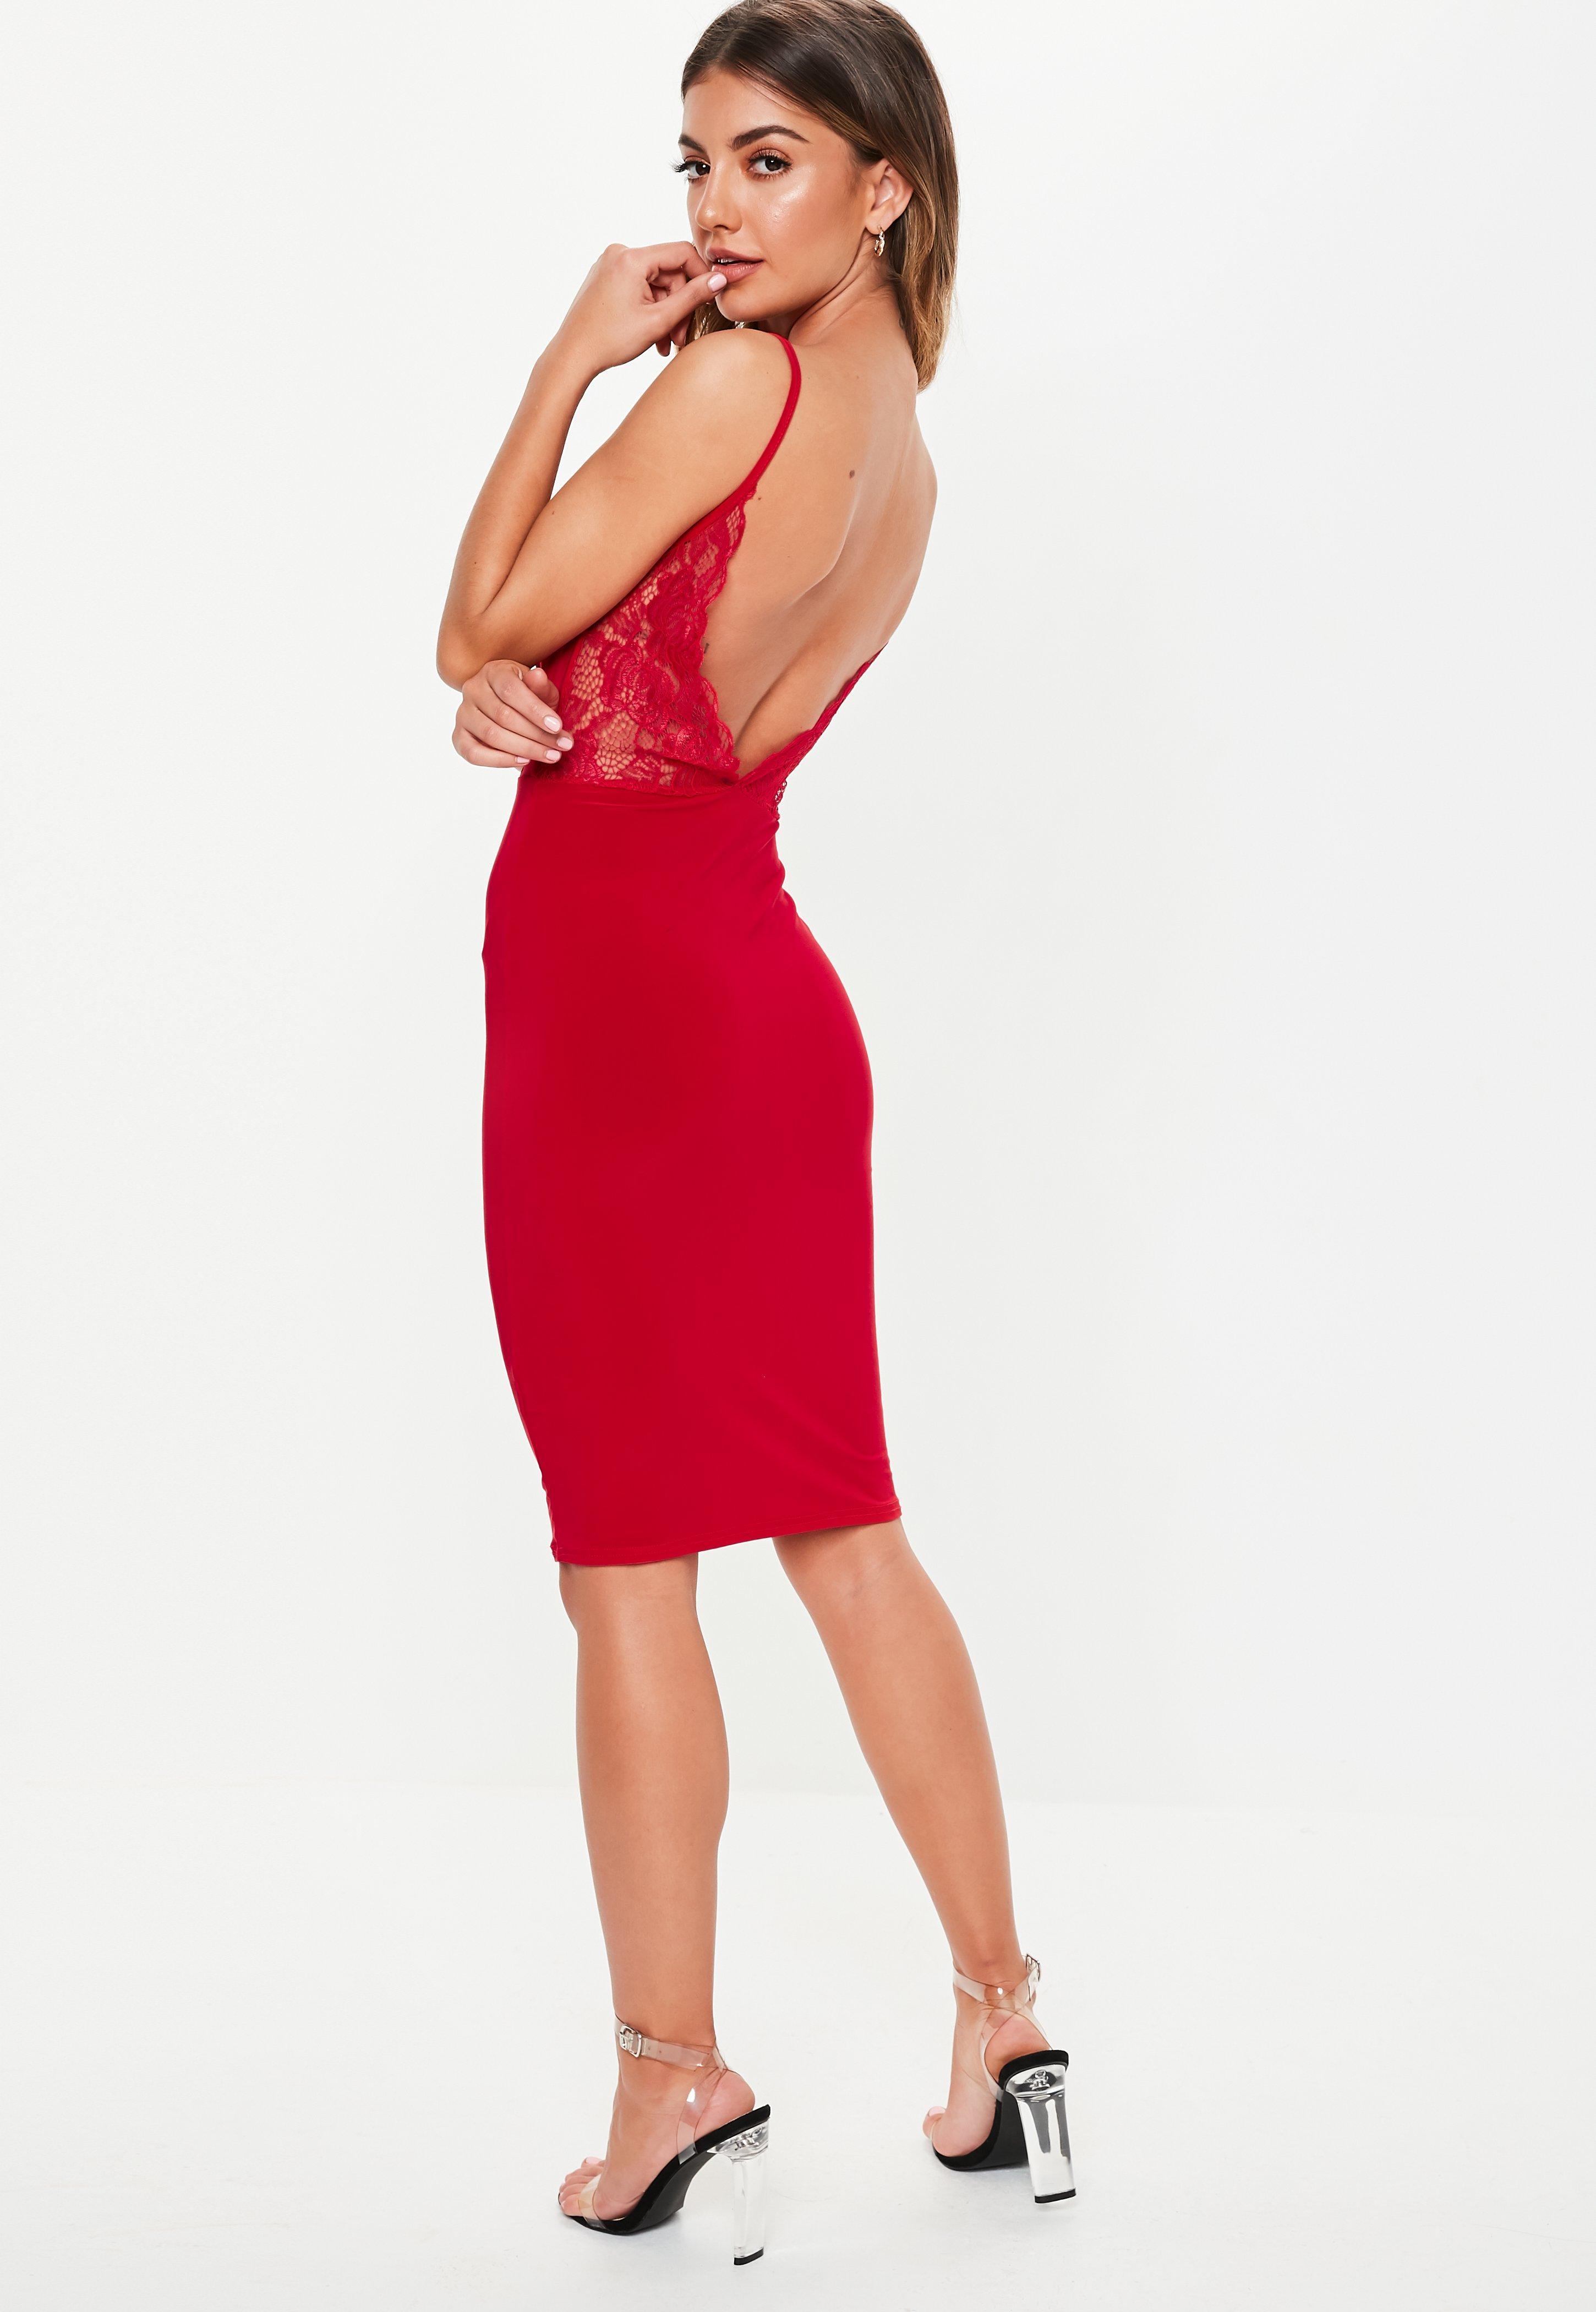 Kleider fur frauen unter 160 cm